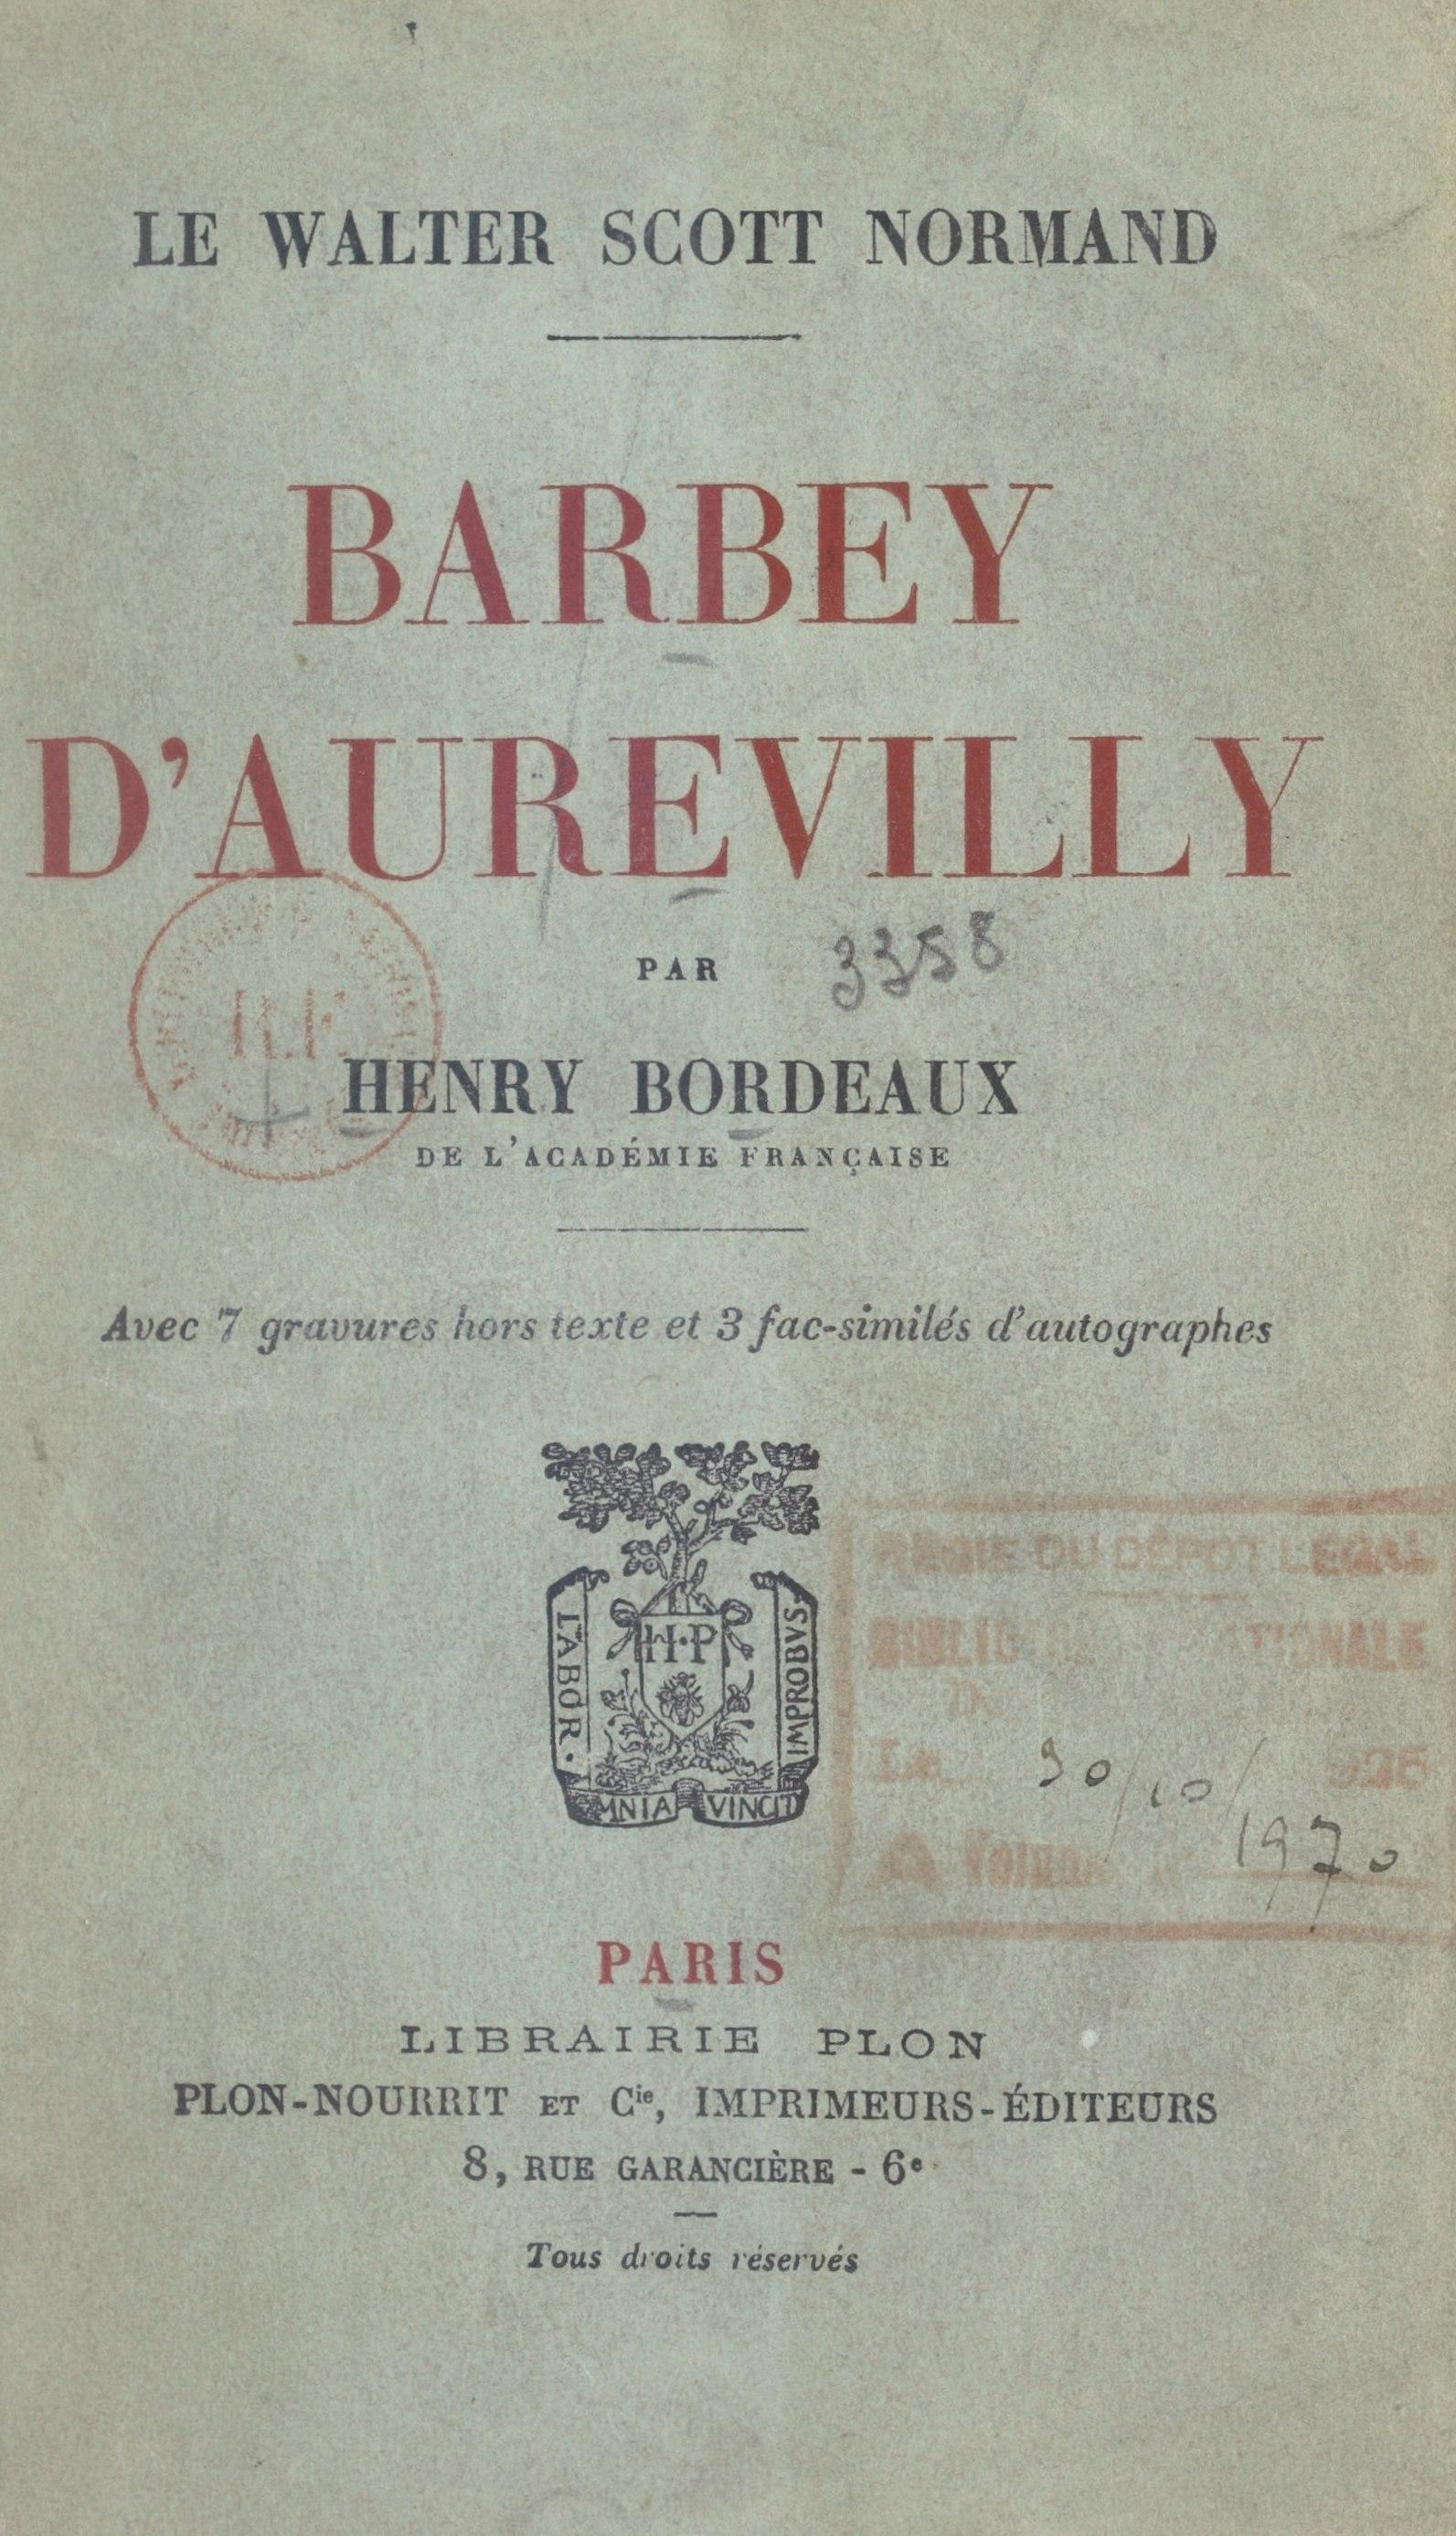 Barbey d'Aurevilly, le Walt...